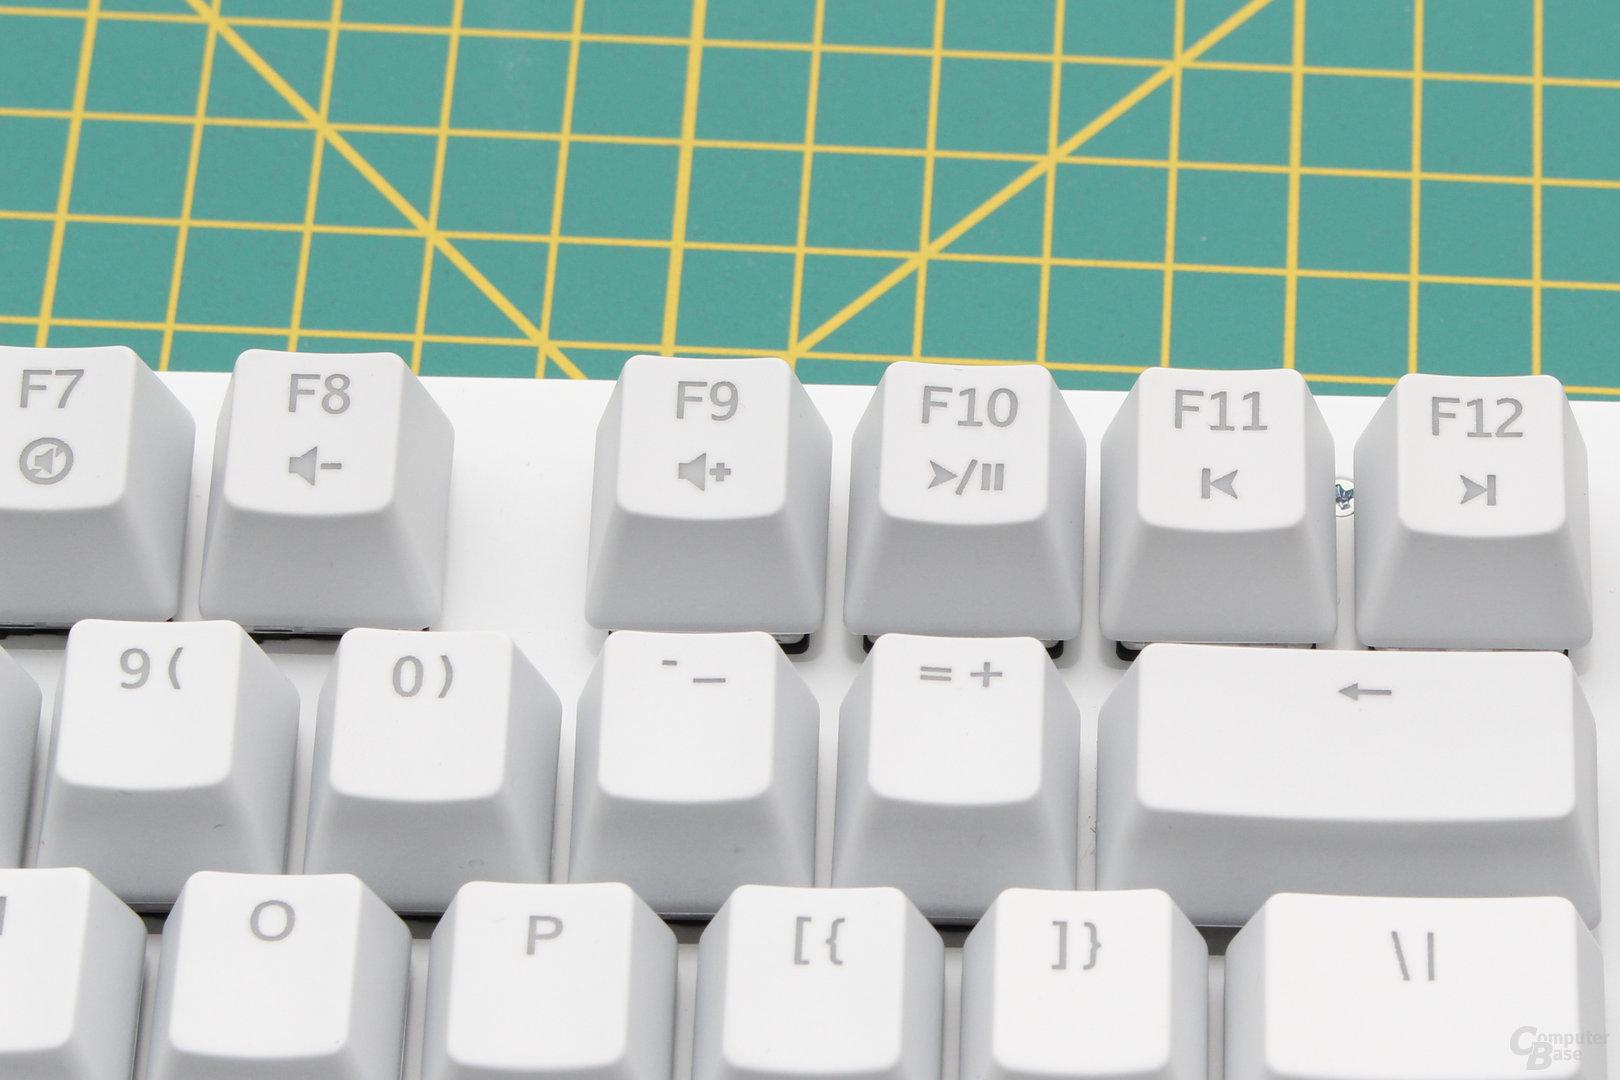 Ein vollständiger Satz Multimedia-Funktionen